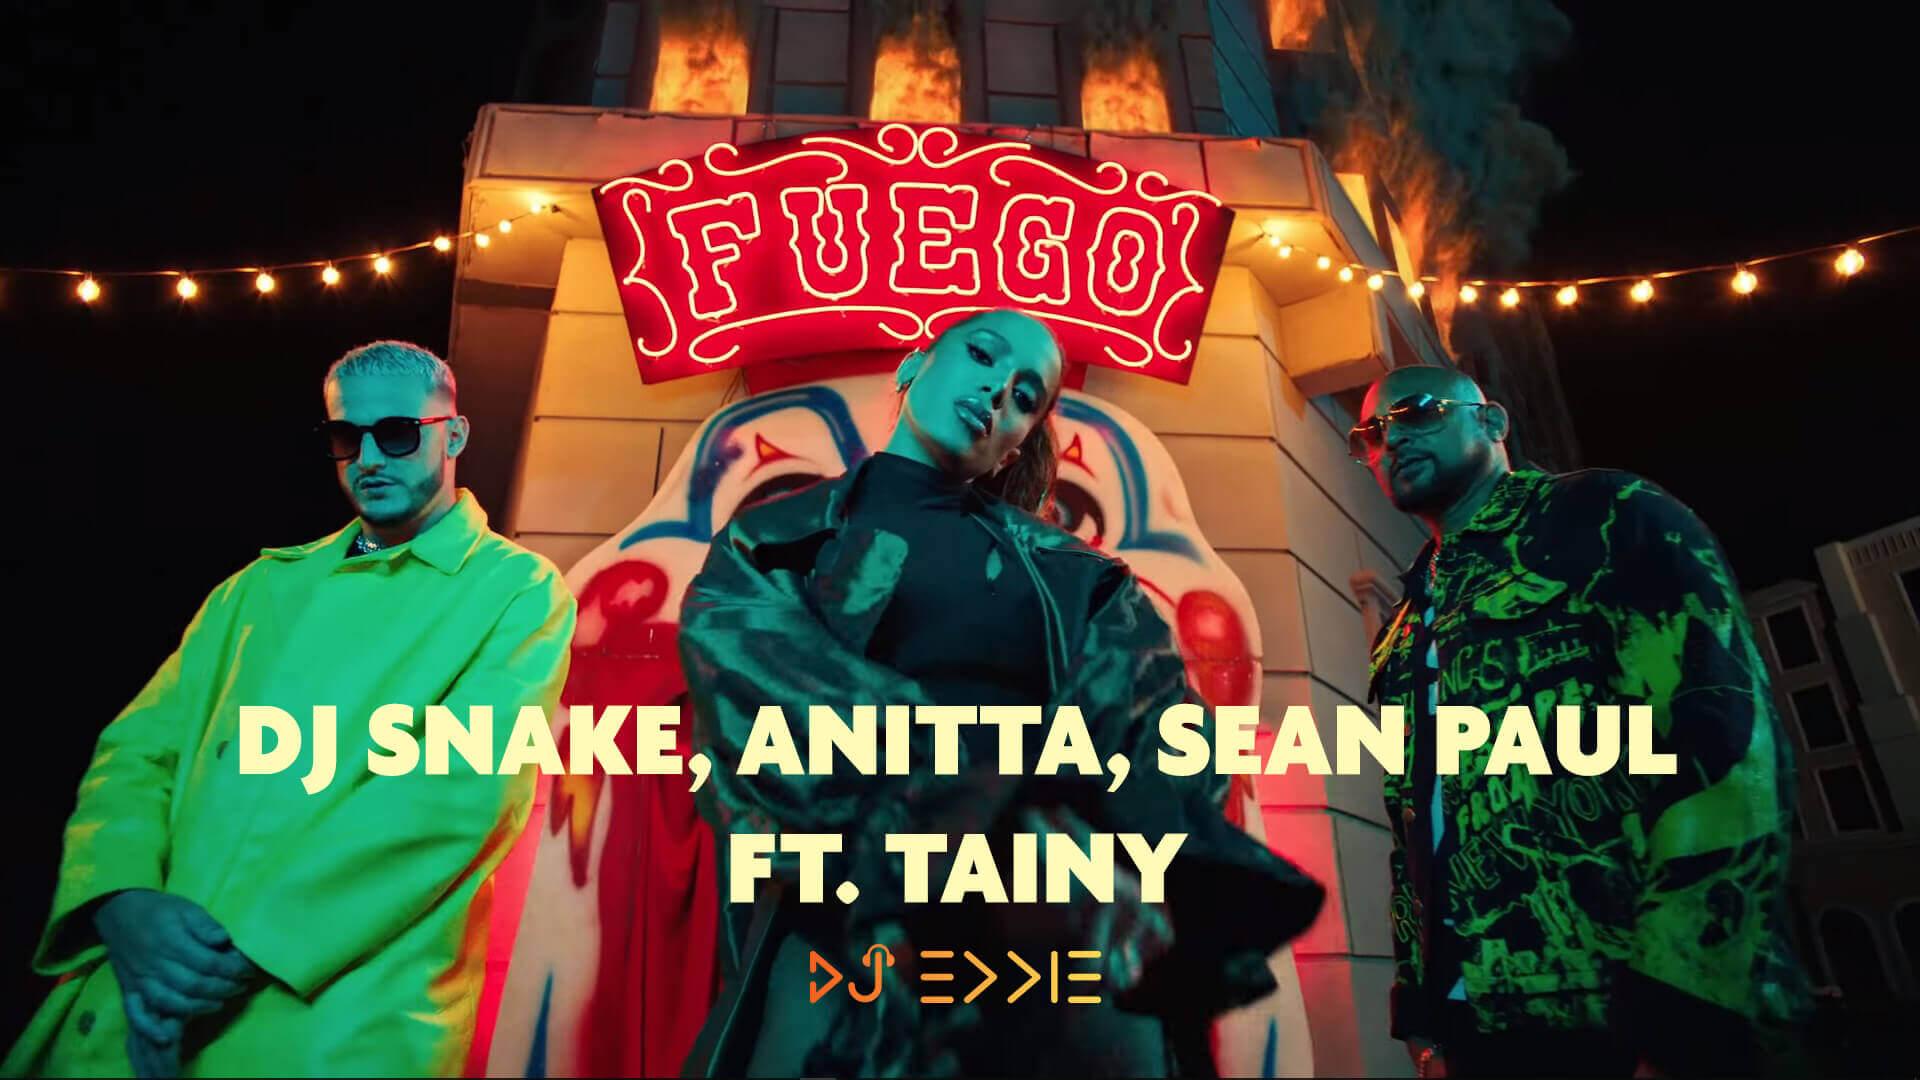 Fuego - DJ Snake, Sean Paul, Anitta ft. Tainy